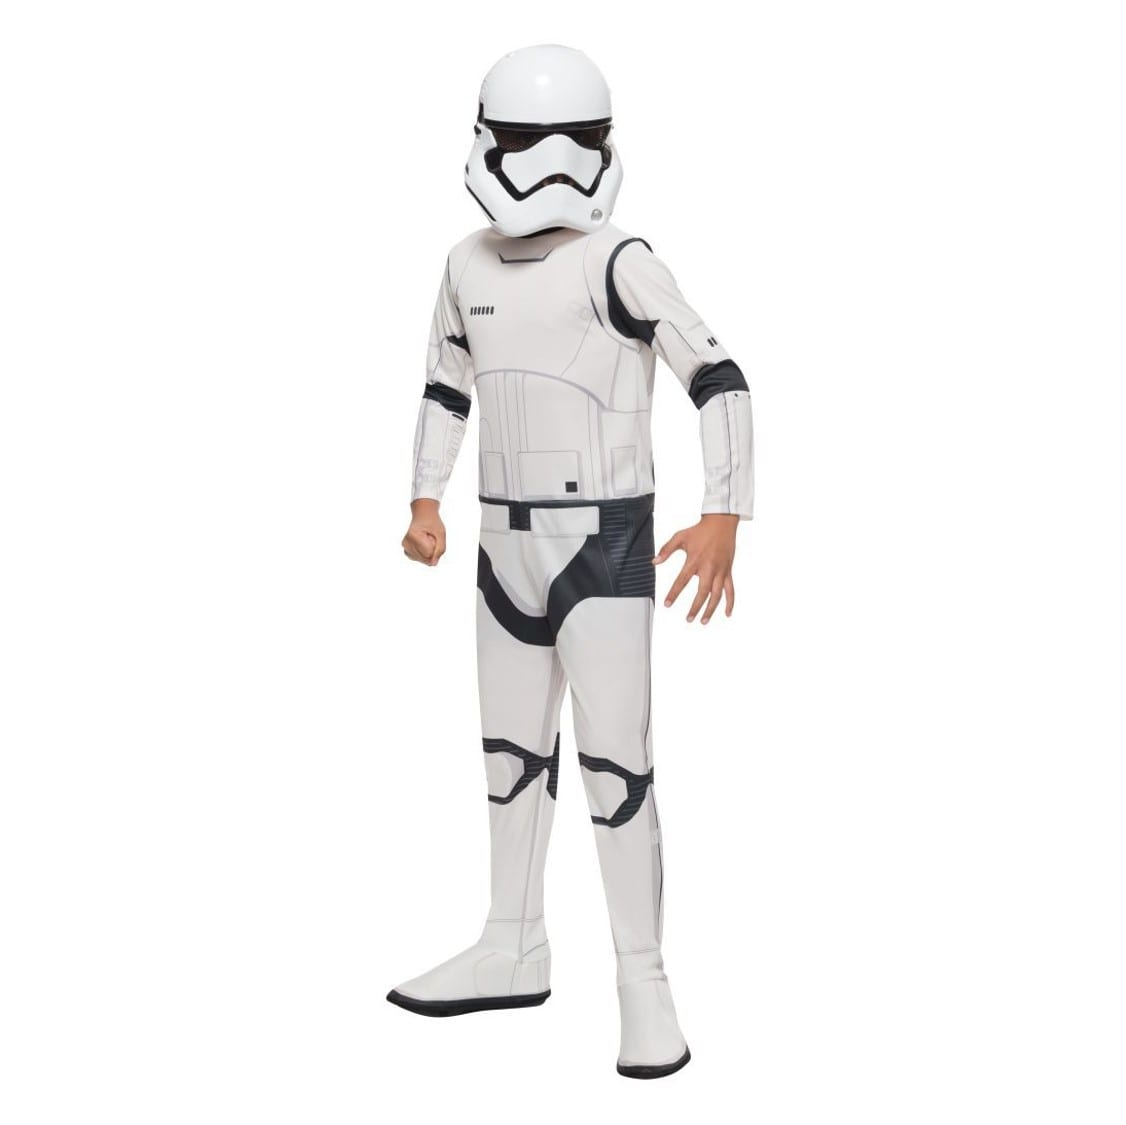 תחפושת סטורם טרופר לילדים – מלחמת הכוכבים – פורים רוביס